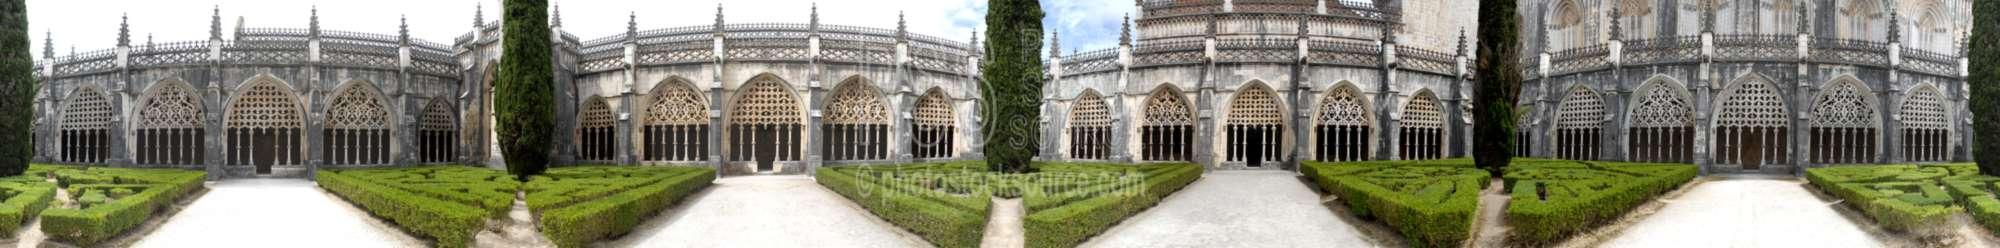 Batalha Monastery Cloister